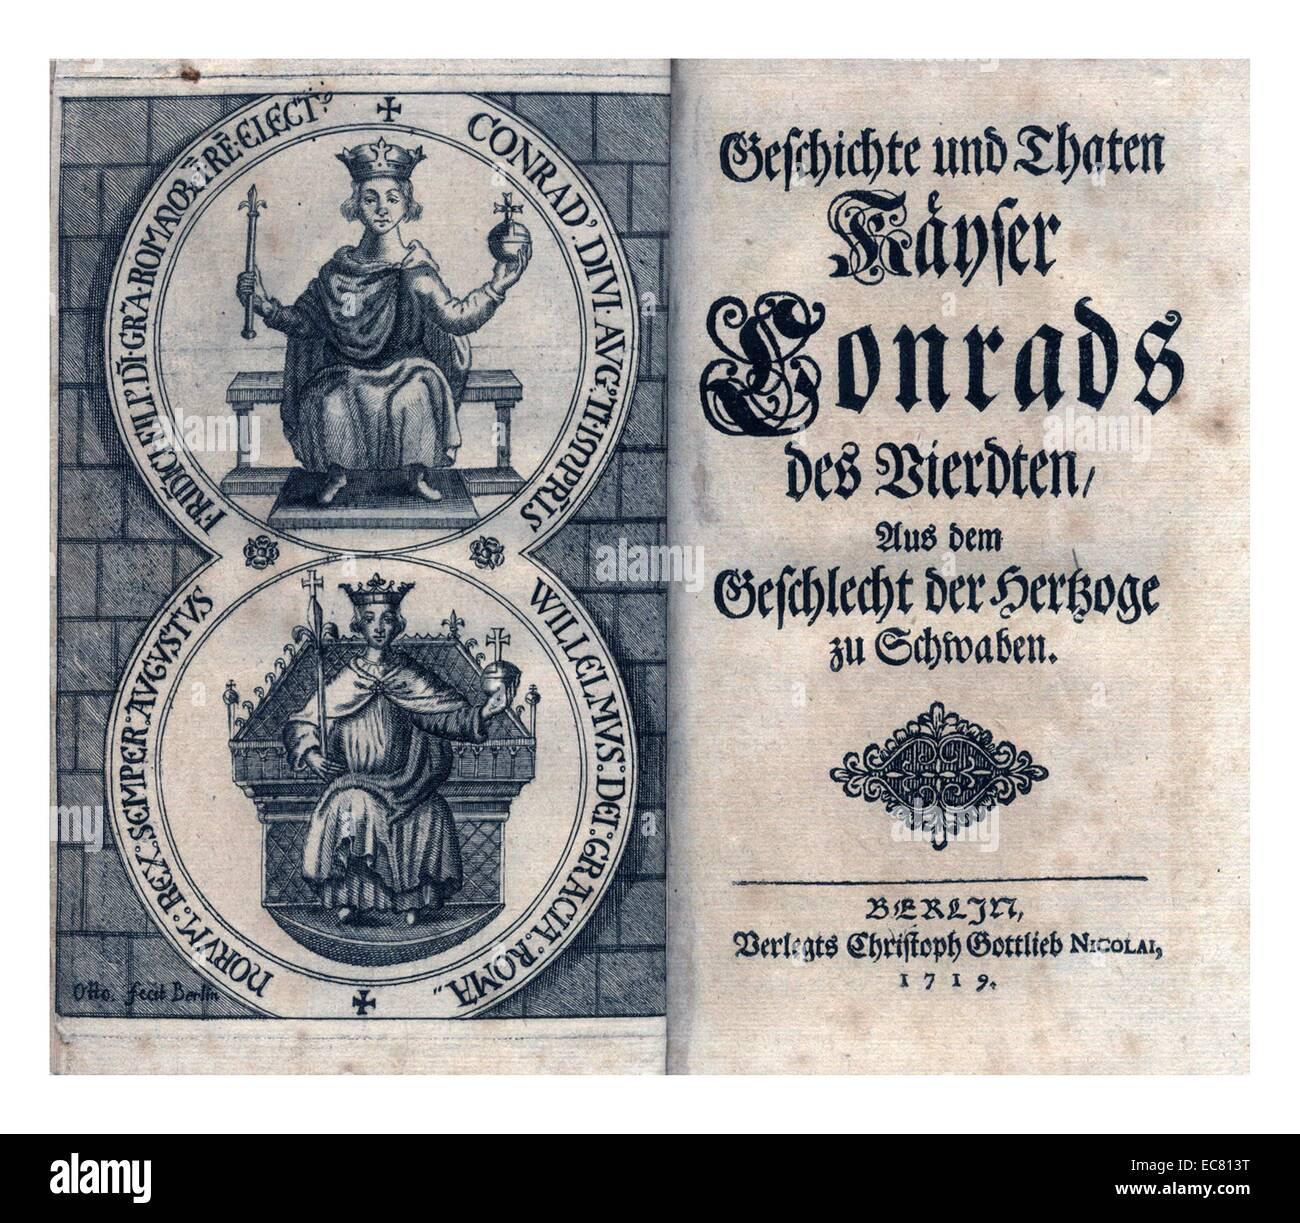 J P Gundling; la historia y los hechos del rey Conrado IV (1228 - 1254), duque de Suabia (1235-1246), Rey de Alemania Foto de stock